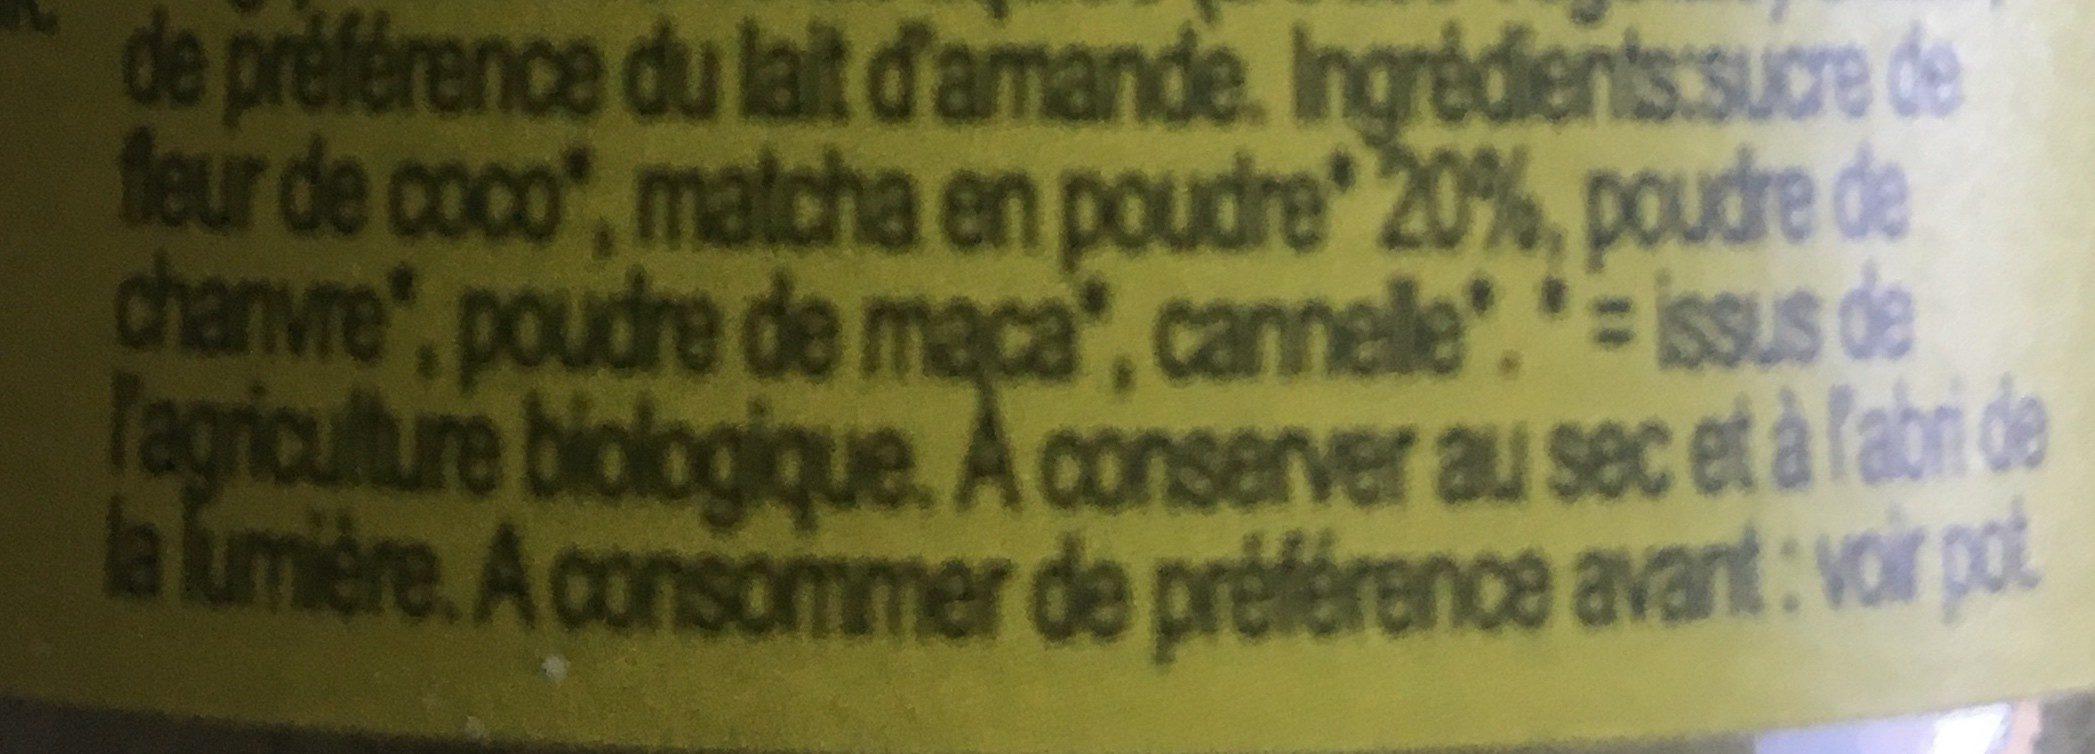 Matcha Latte - Ingredientes - fr